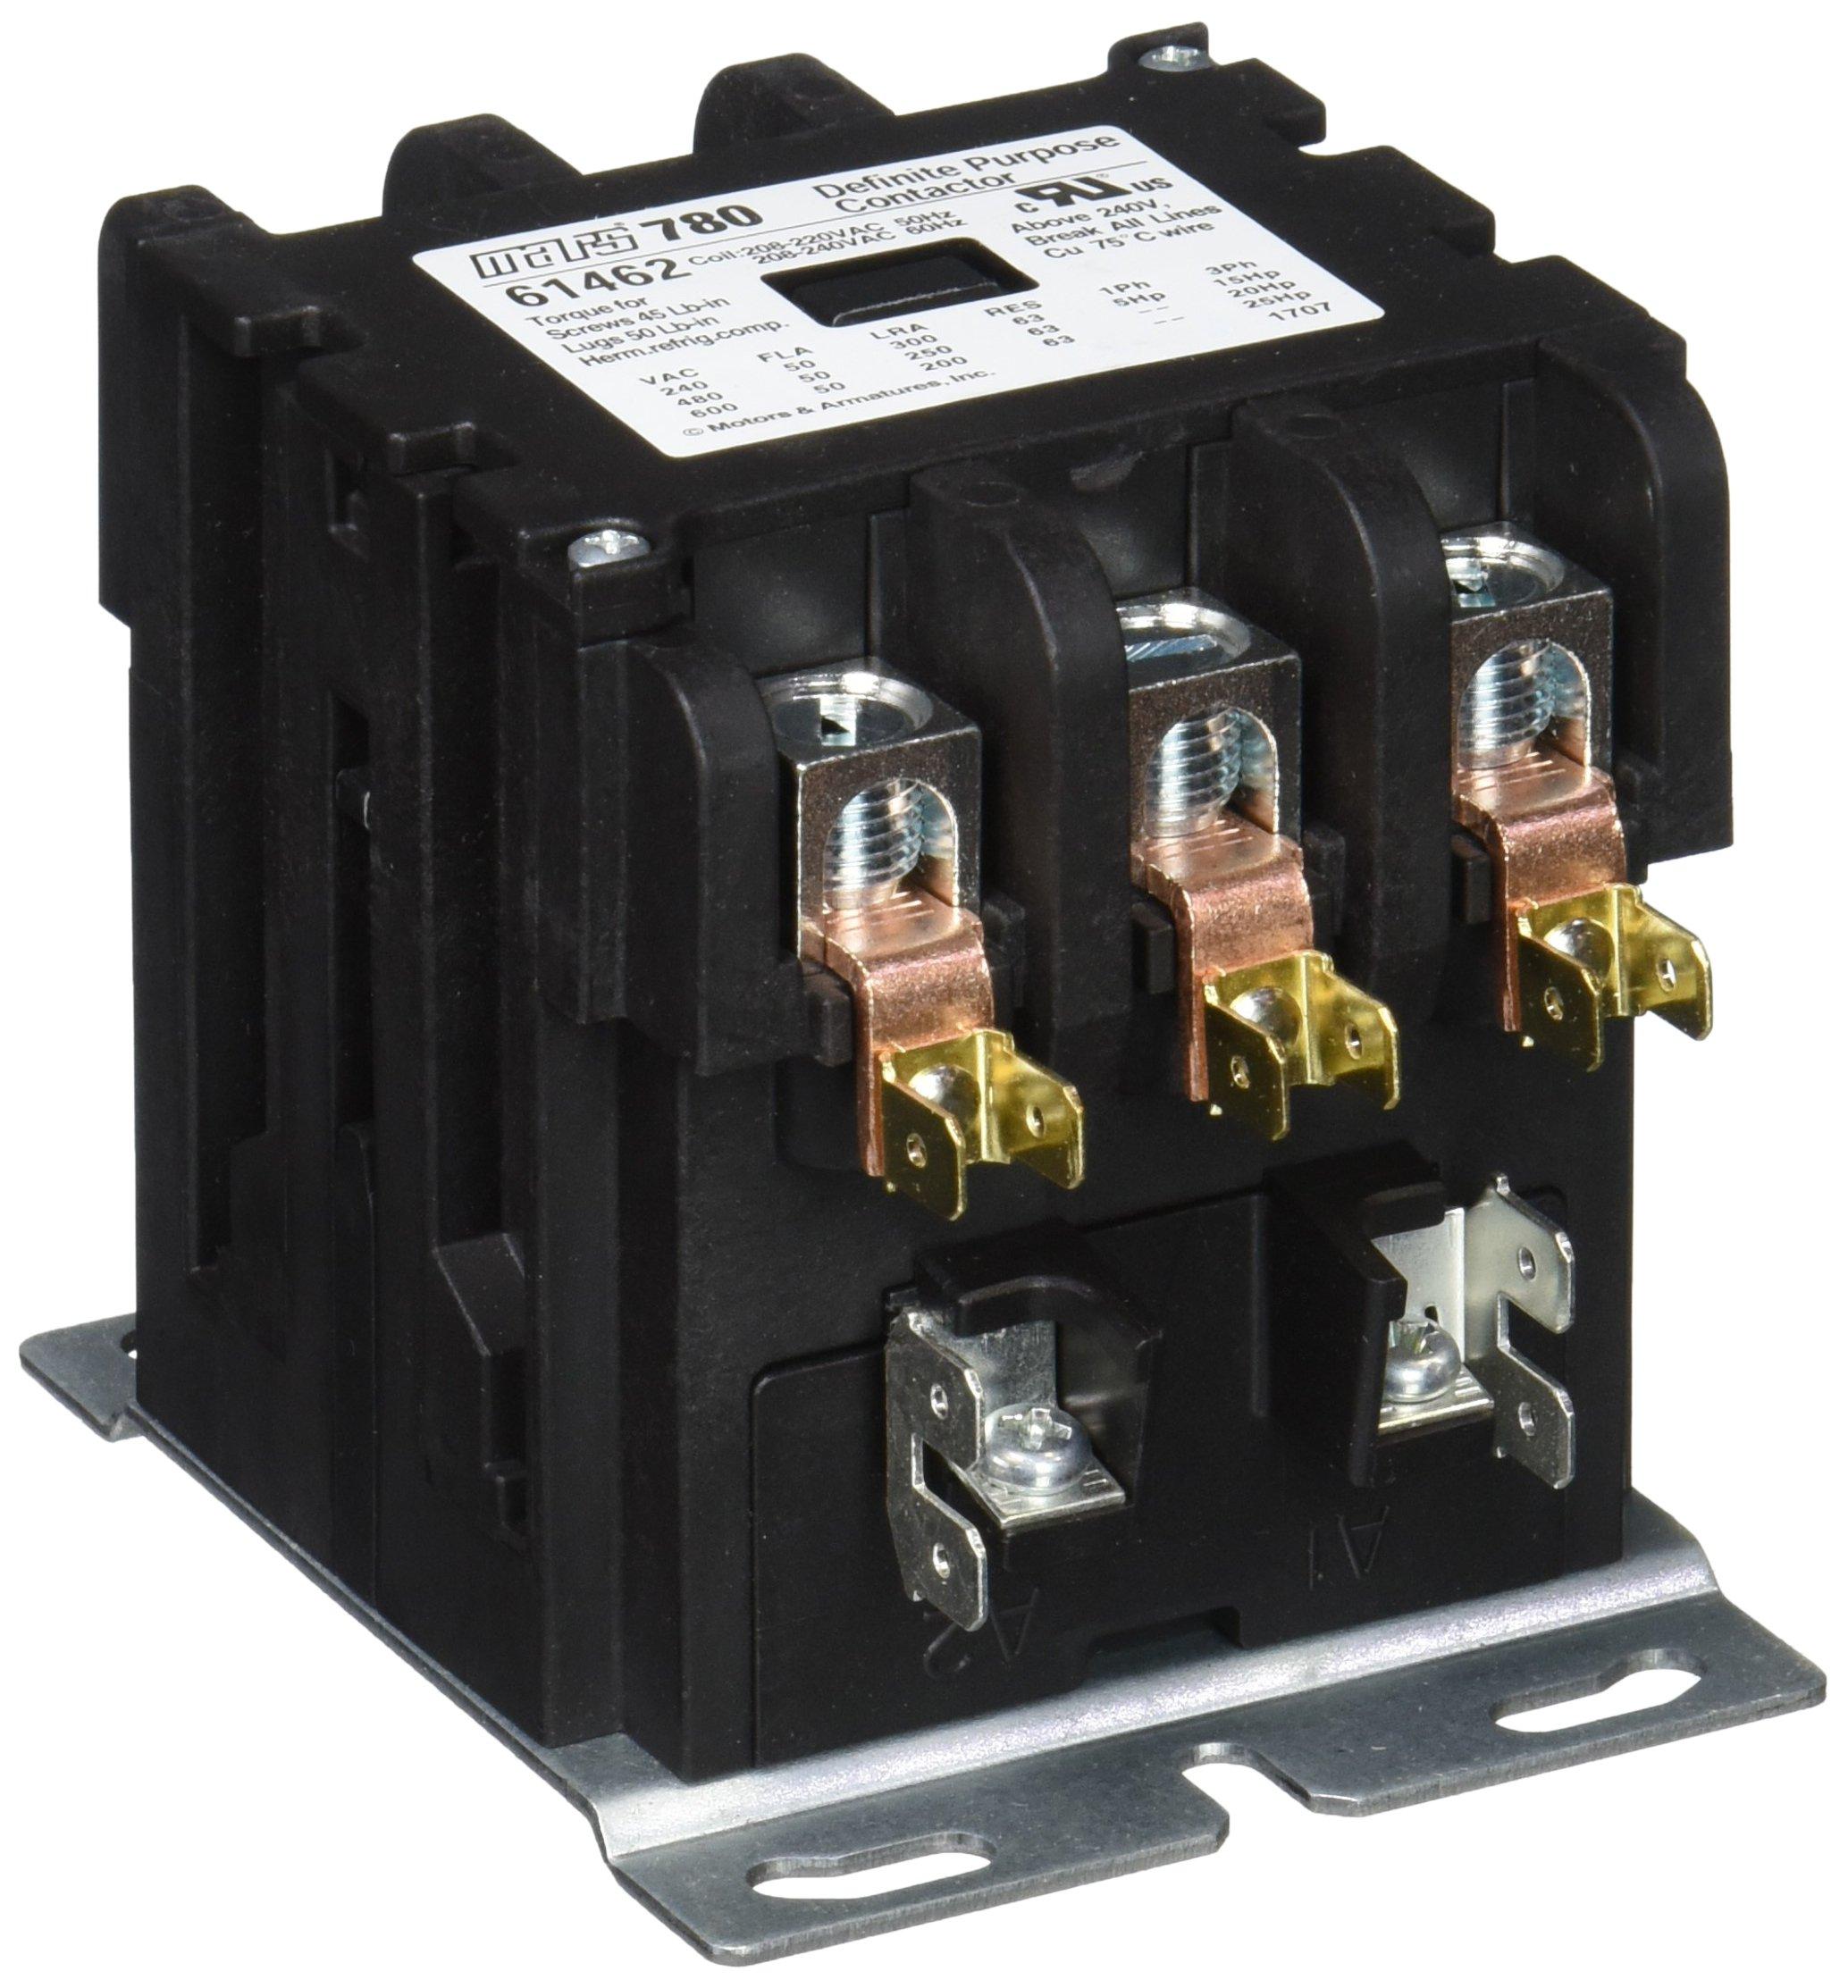 MARS - Motors & Armatures 61462 3P 50A 208-240V Box Lug Term Contactor